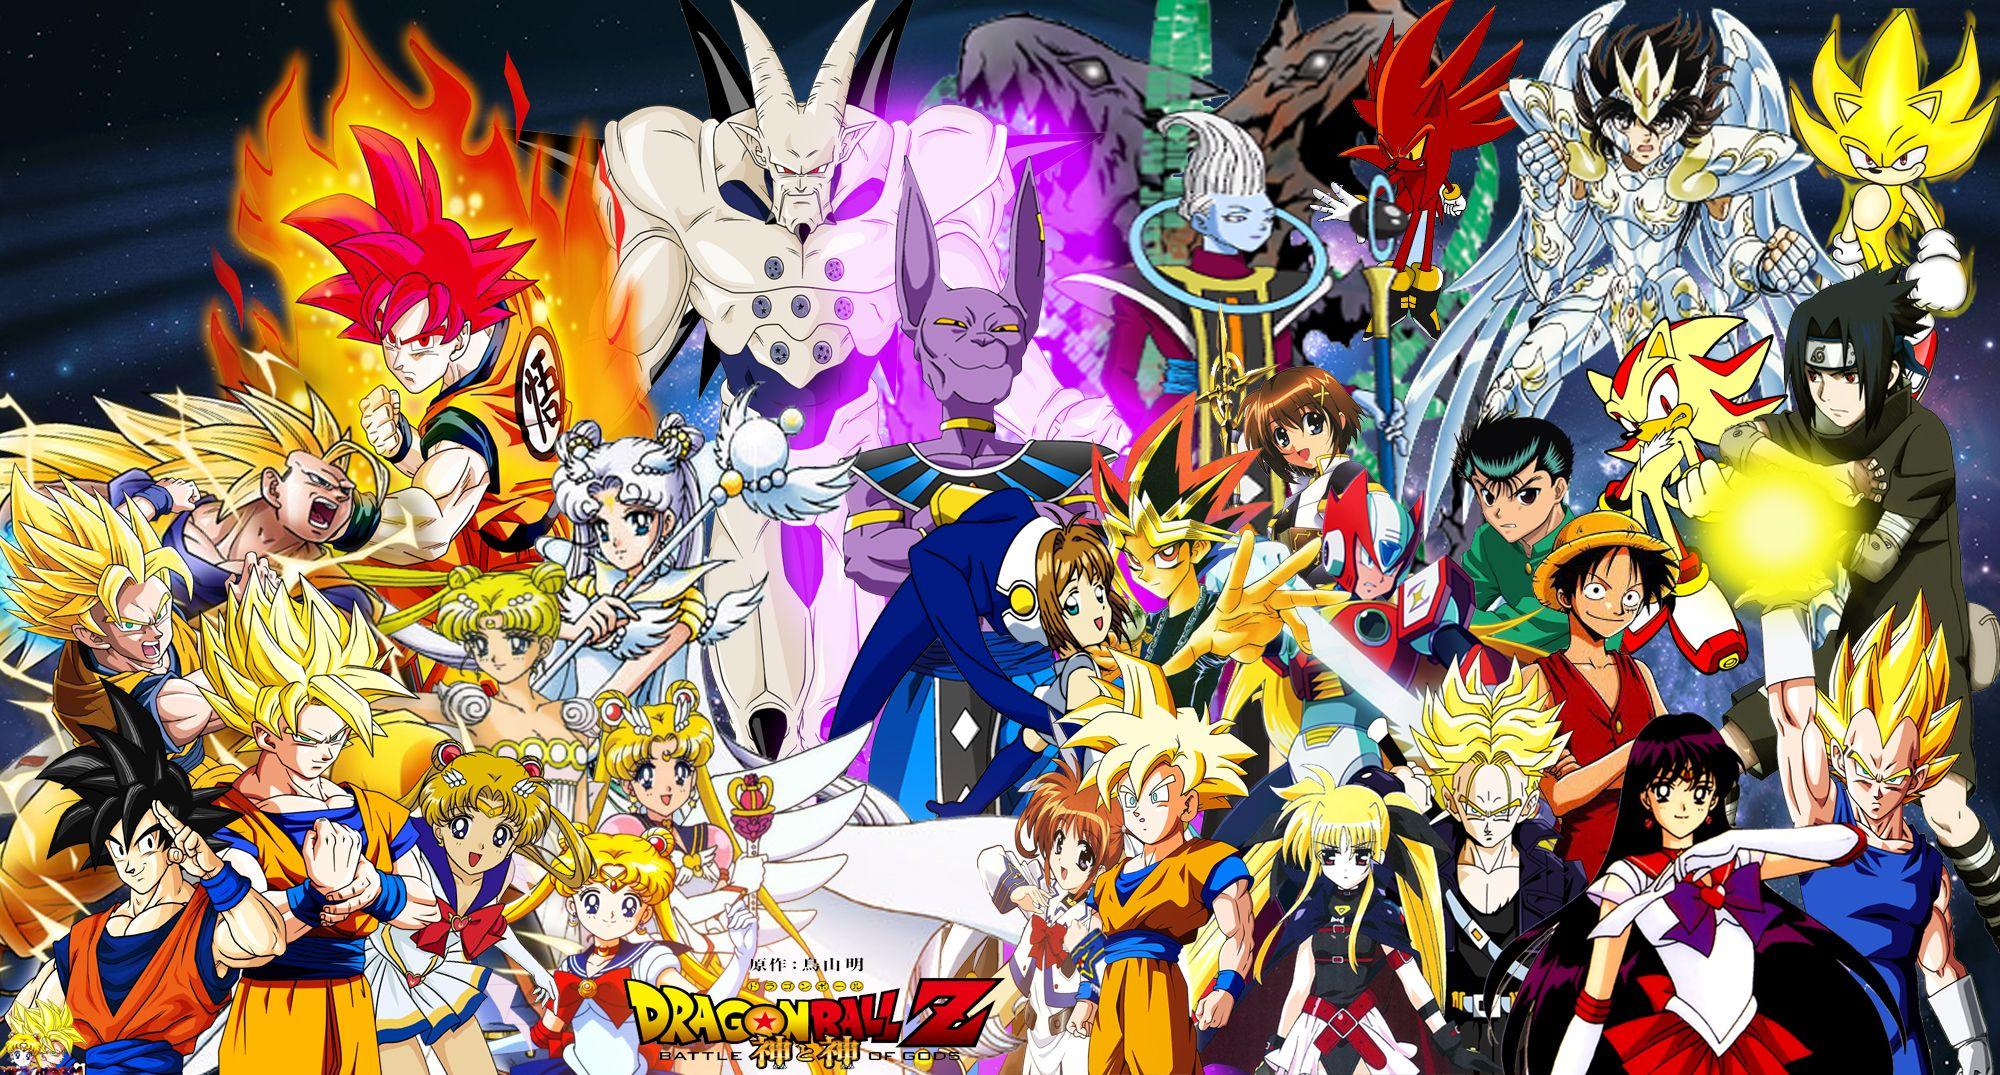 Dragon Ball Super Wallpaper 49900 Hd Wallpaper Backgrounds